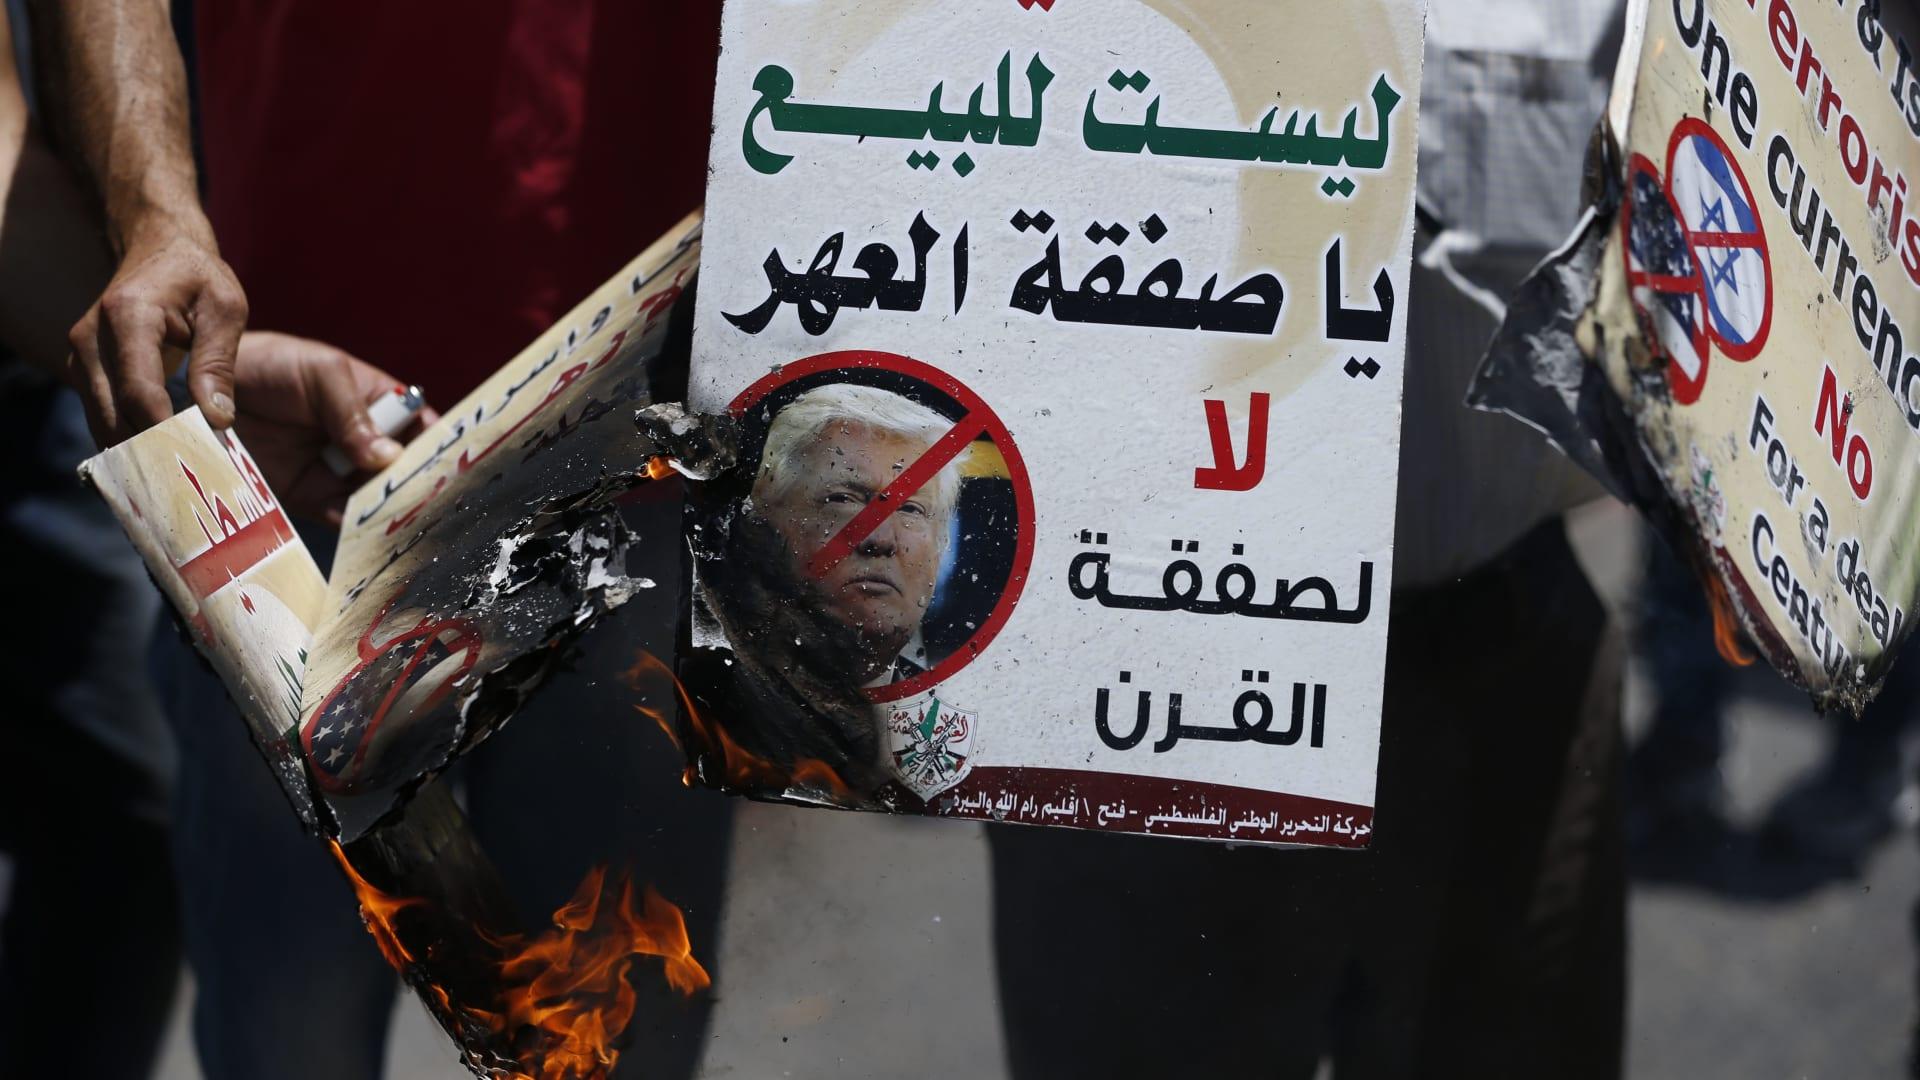 الجبير: تسييس قضية مقتل خاشقجي يساهم في شق العالم الإسلامي